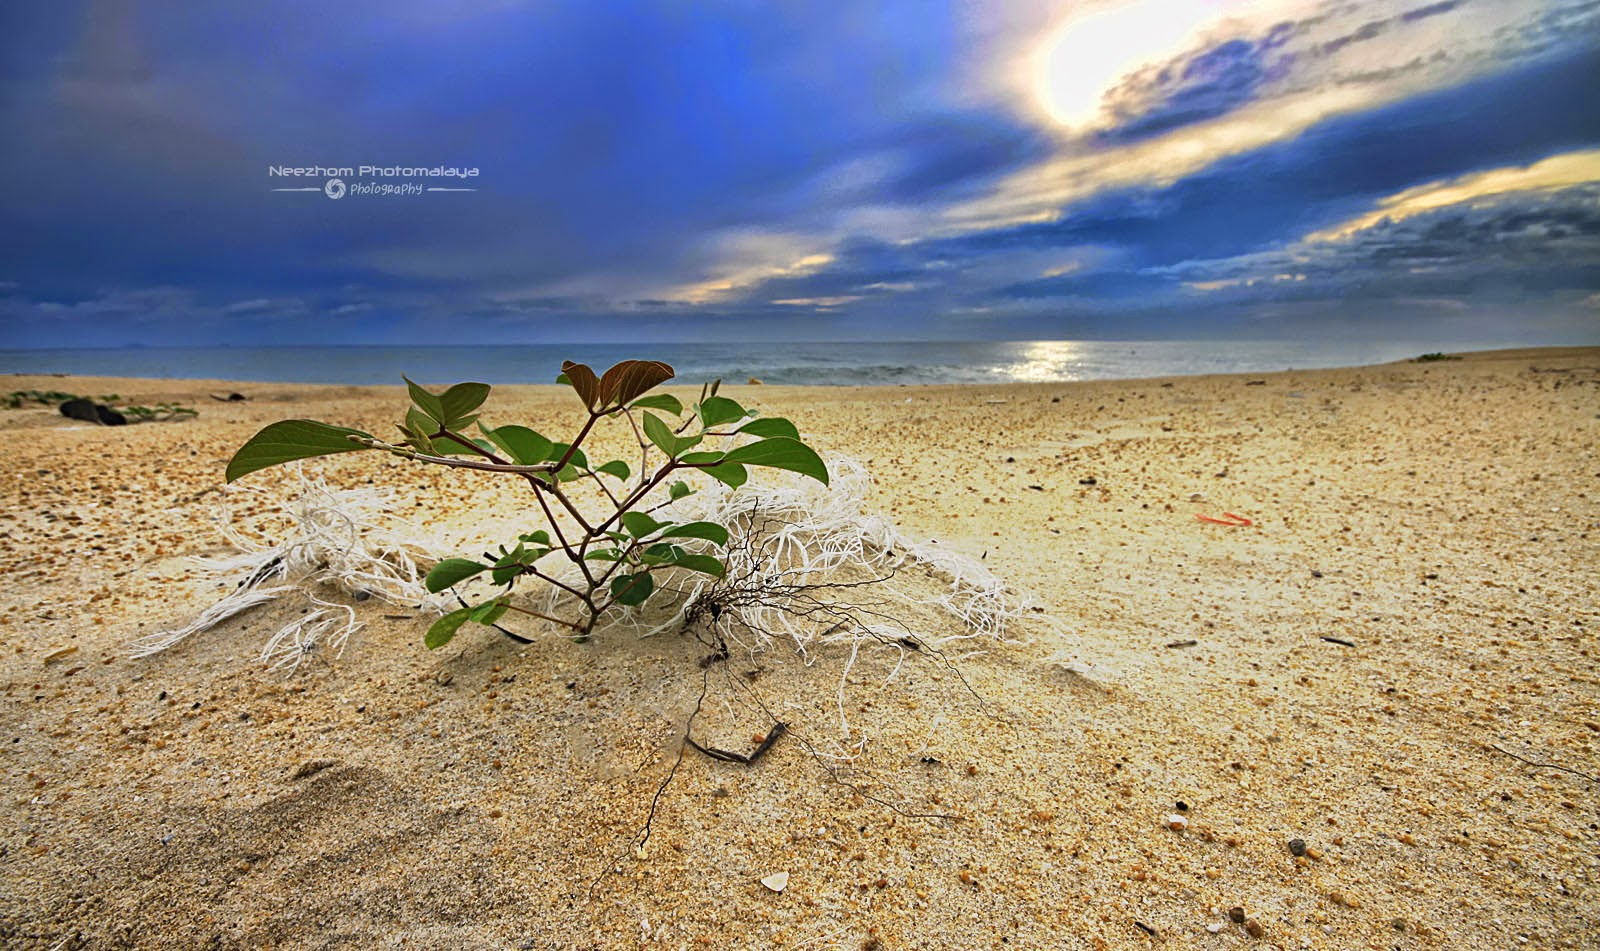 Pokok renek di Pantai Batu Rakit